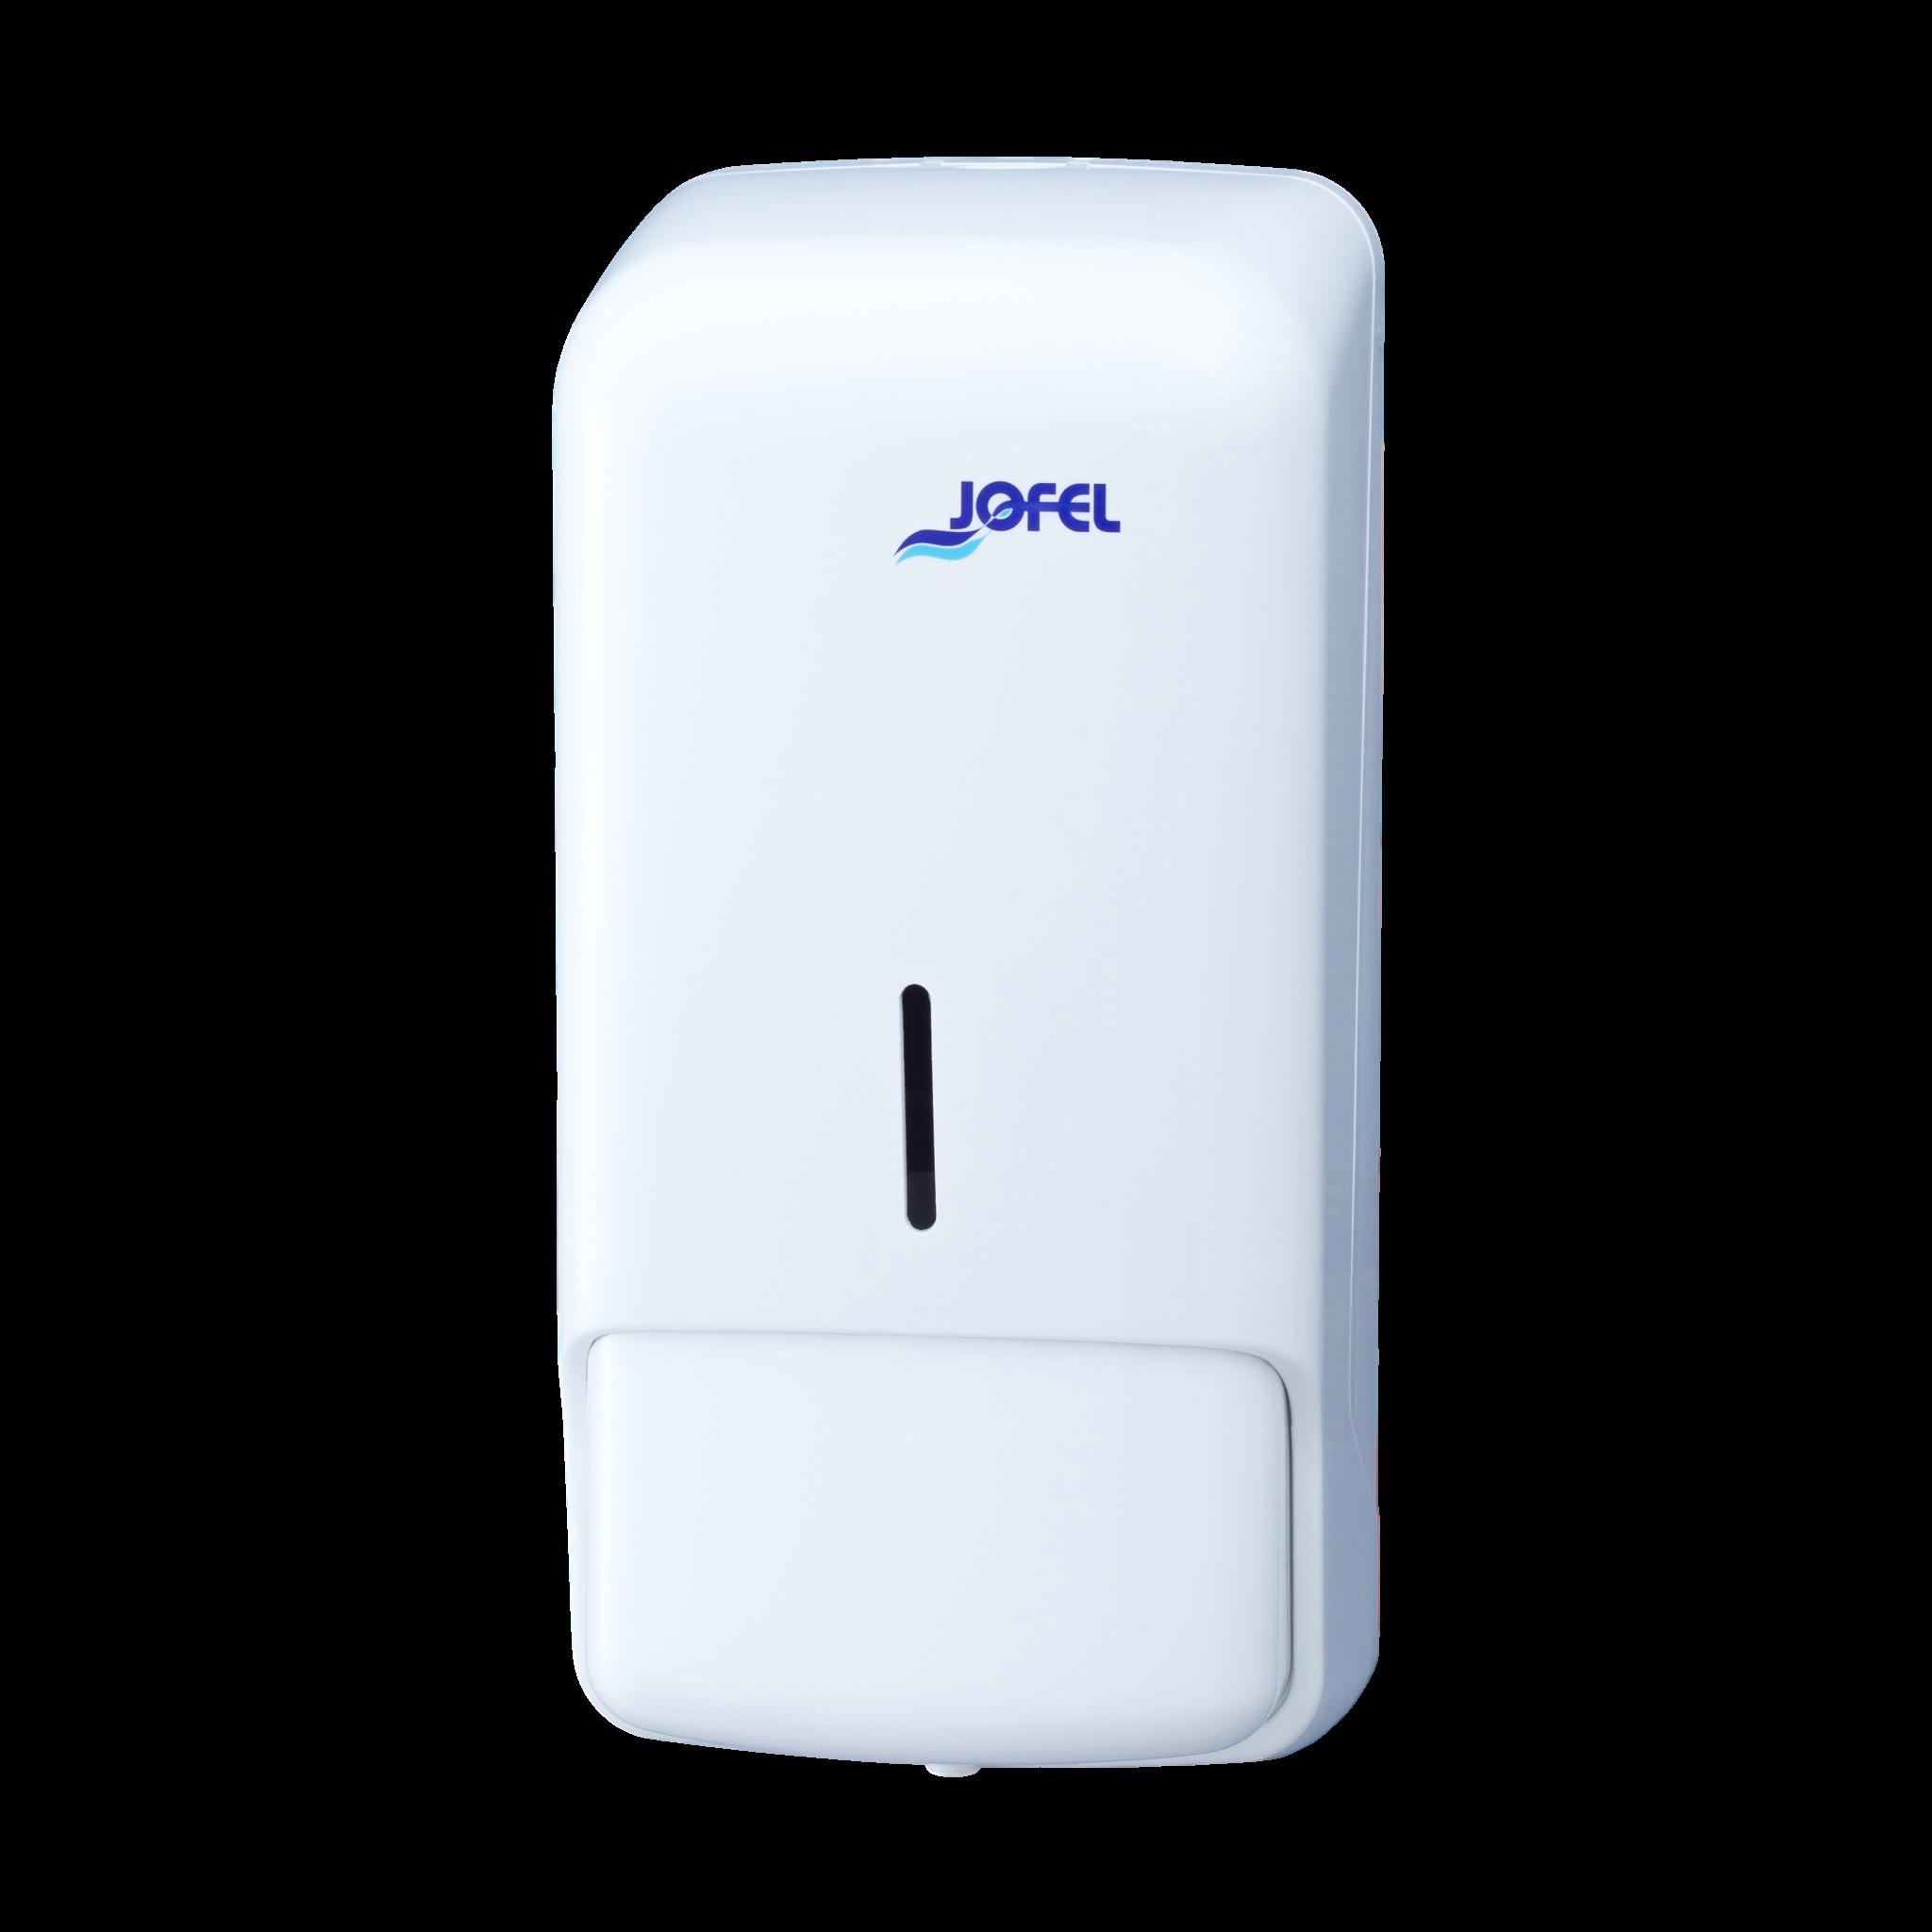 Πλαστική σαπουνοθήκη Jofel Azur white AC80000